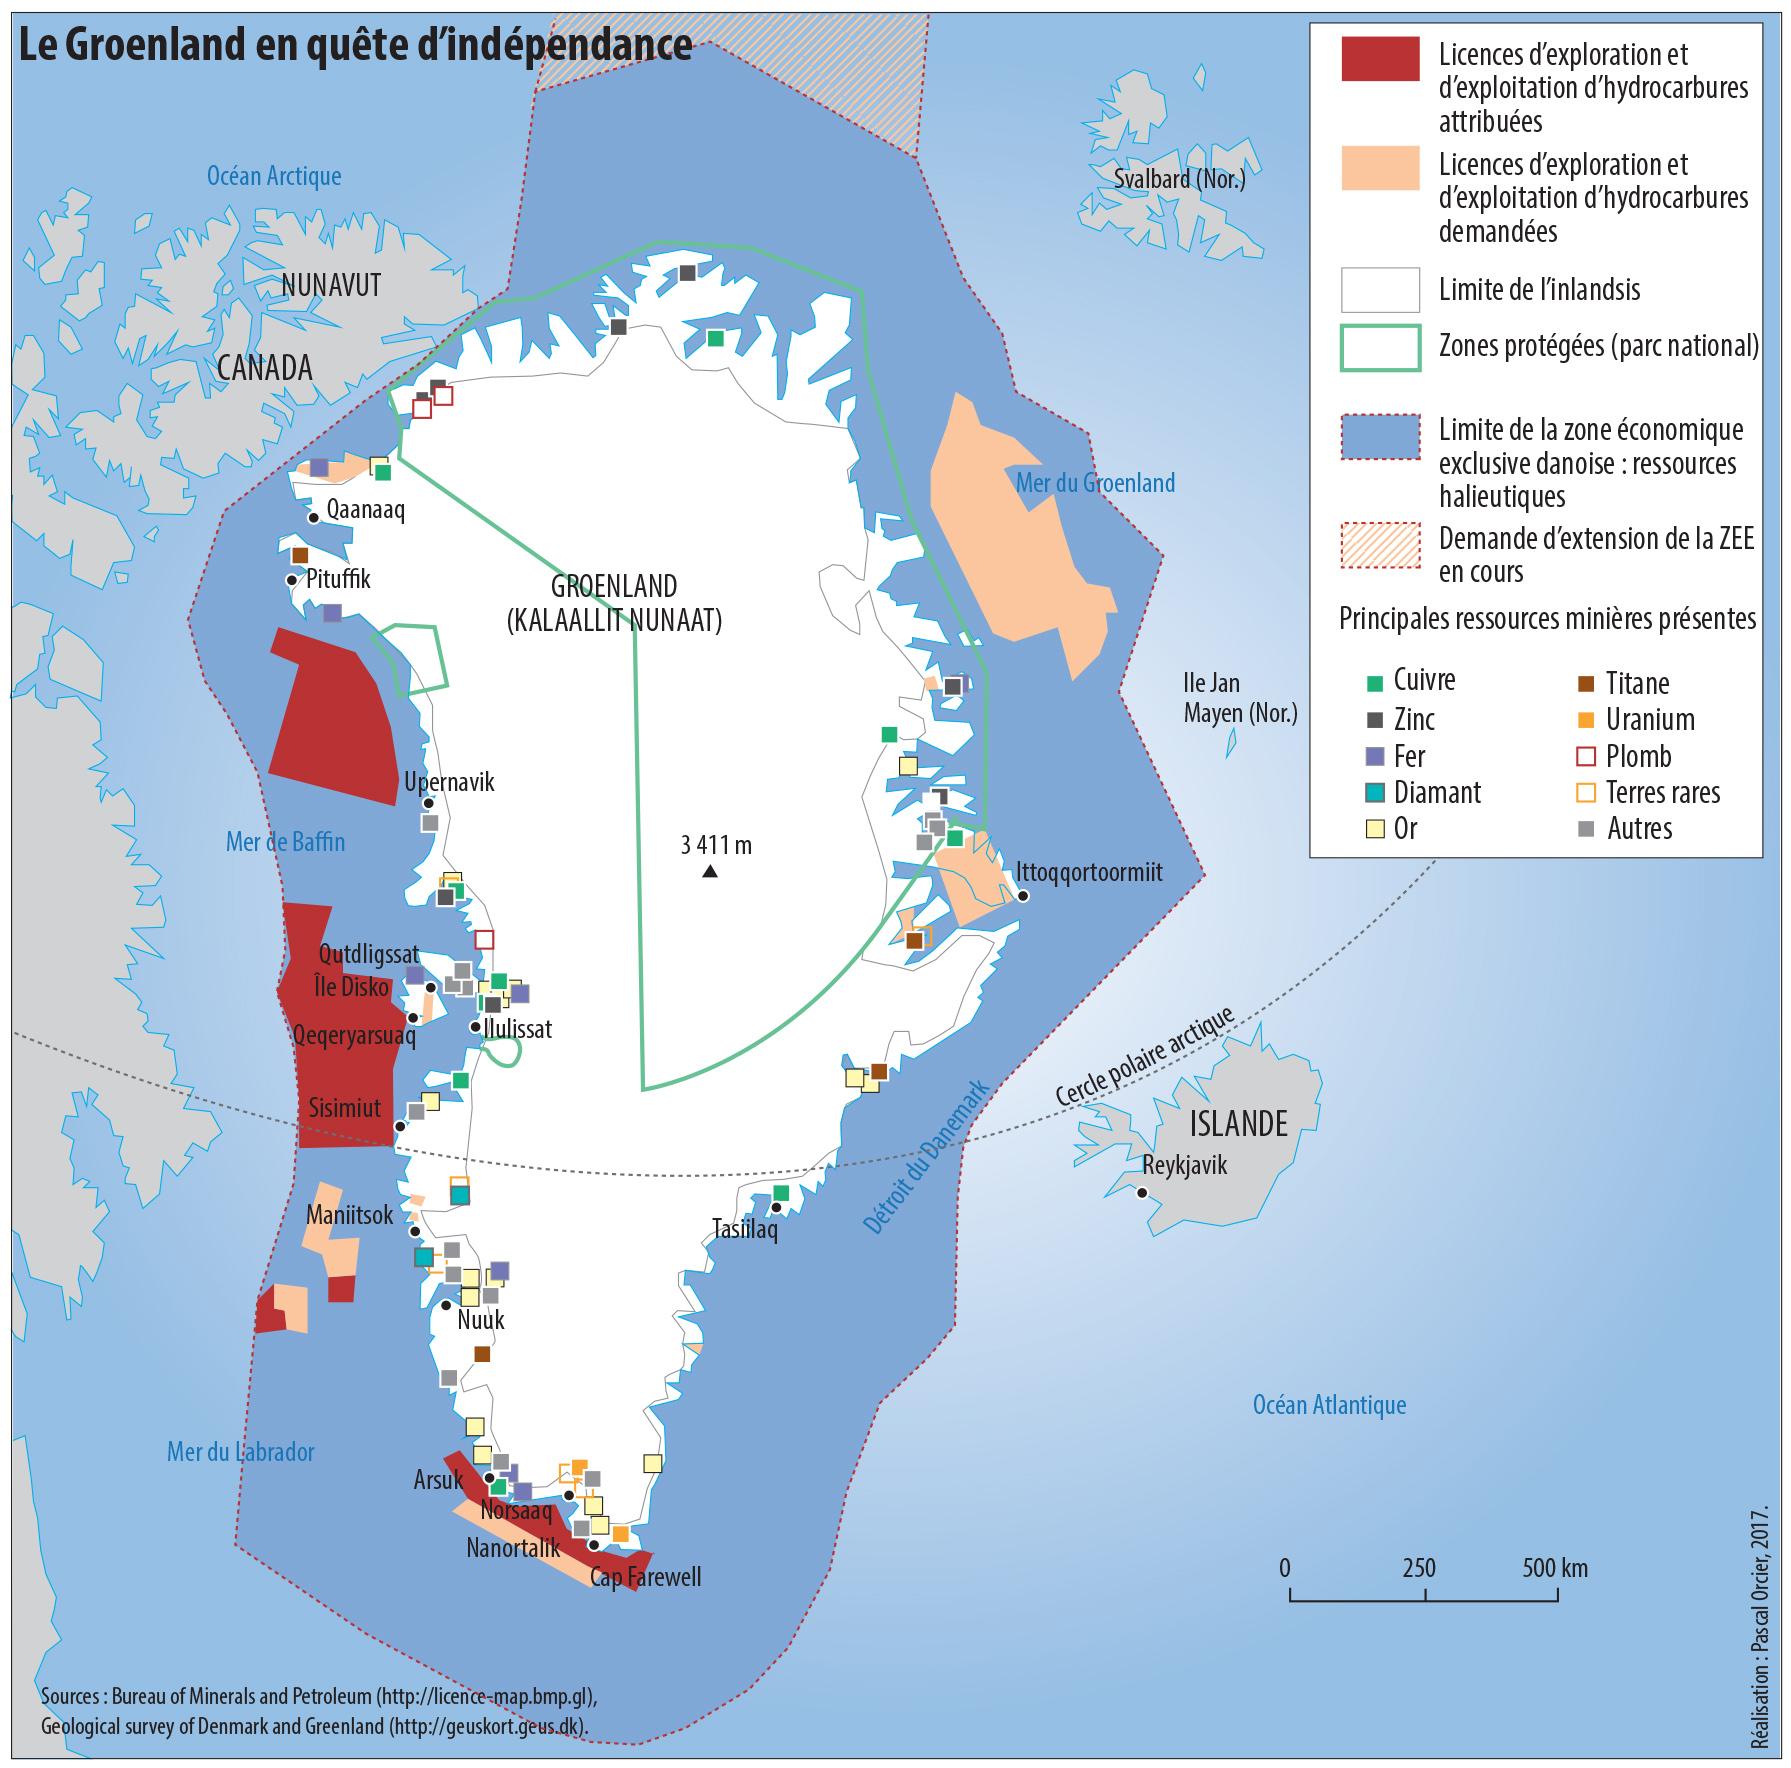 Carte le Groenland en quête d'indépendance